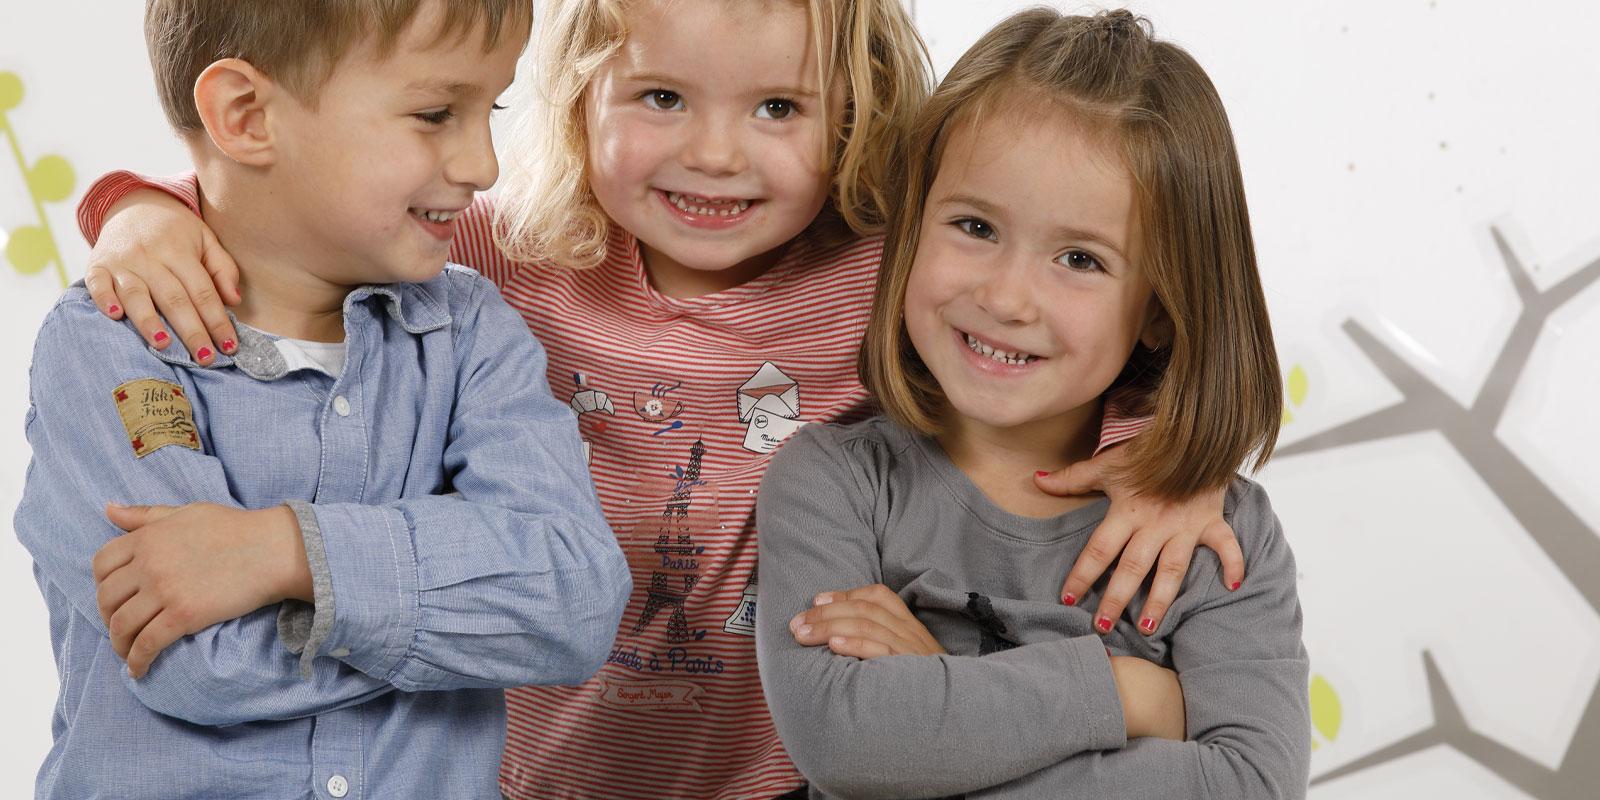 encourager la coopération et l'altruisme chez les enfants avec Wesco